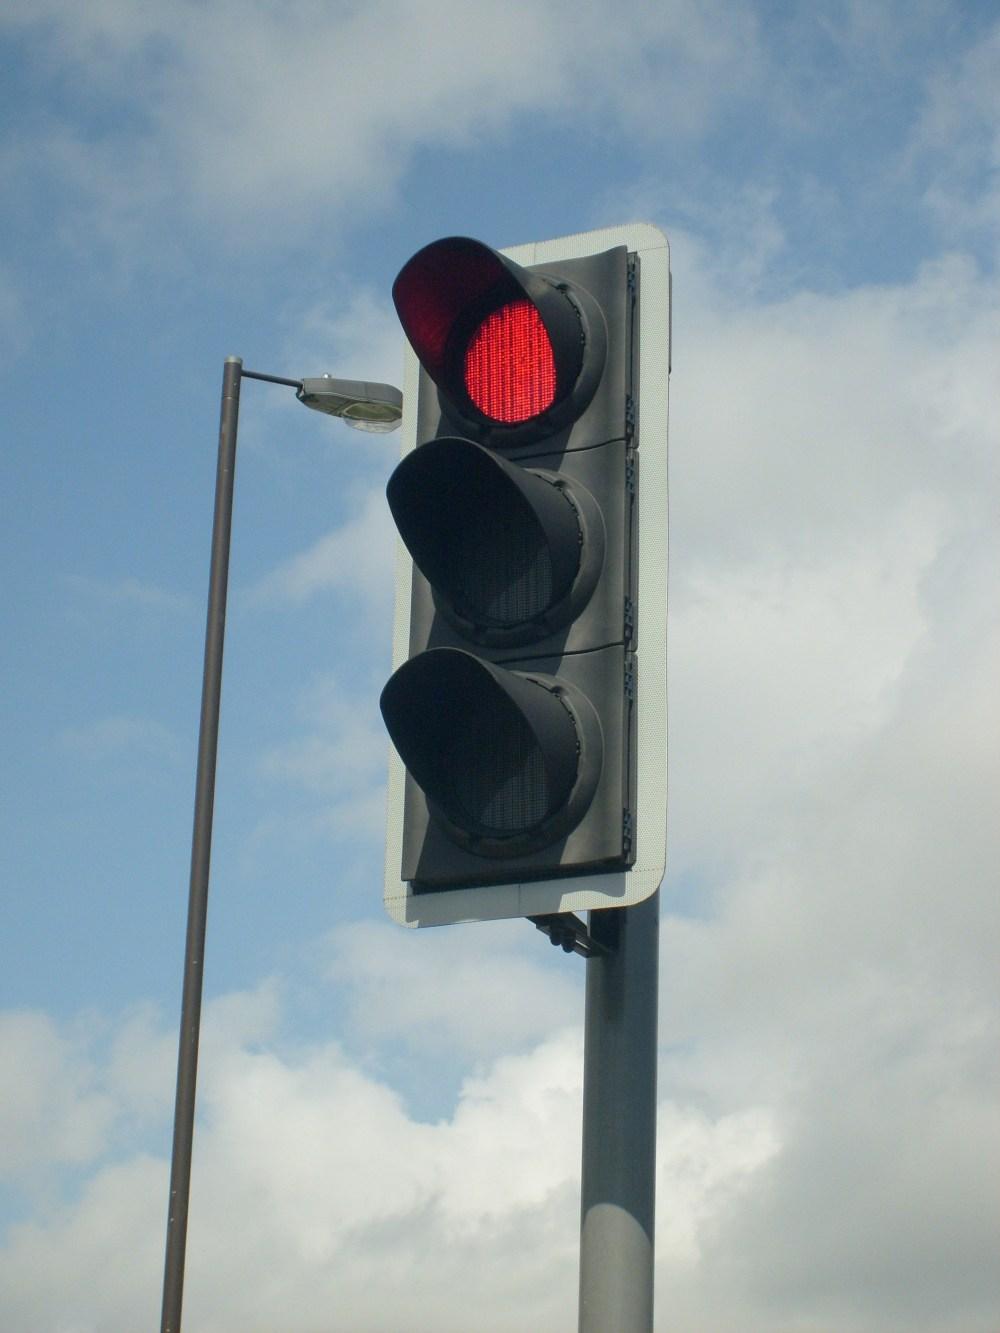 medium resolution of stop light wiring diagram for street